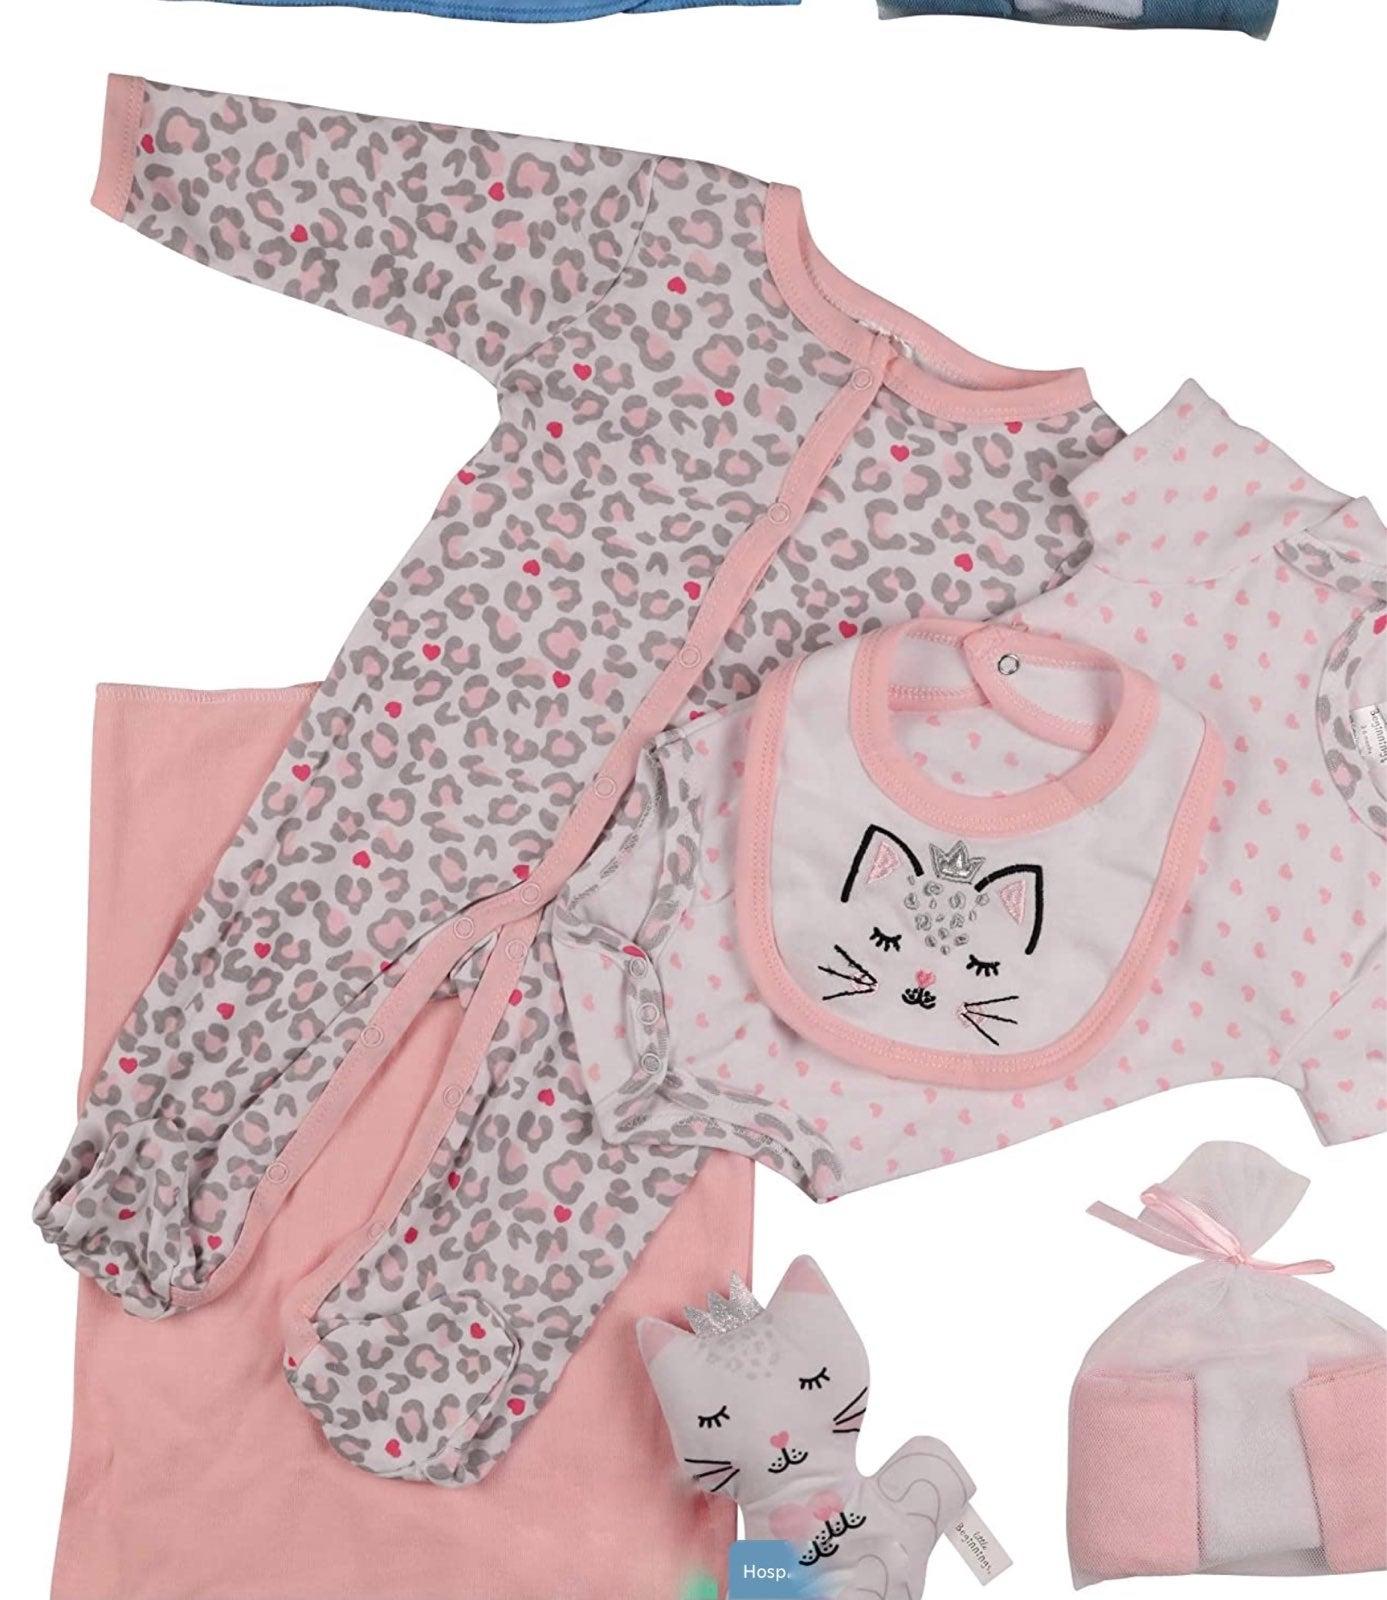 Baby Bundle Gift Set